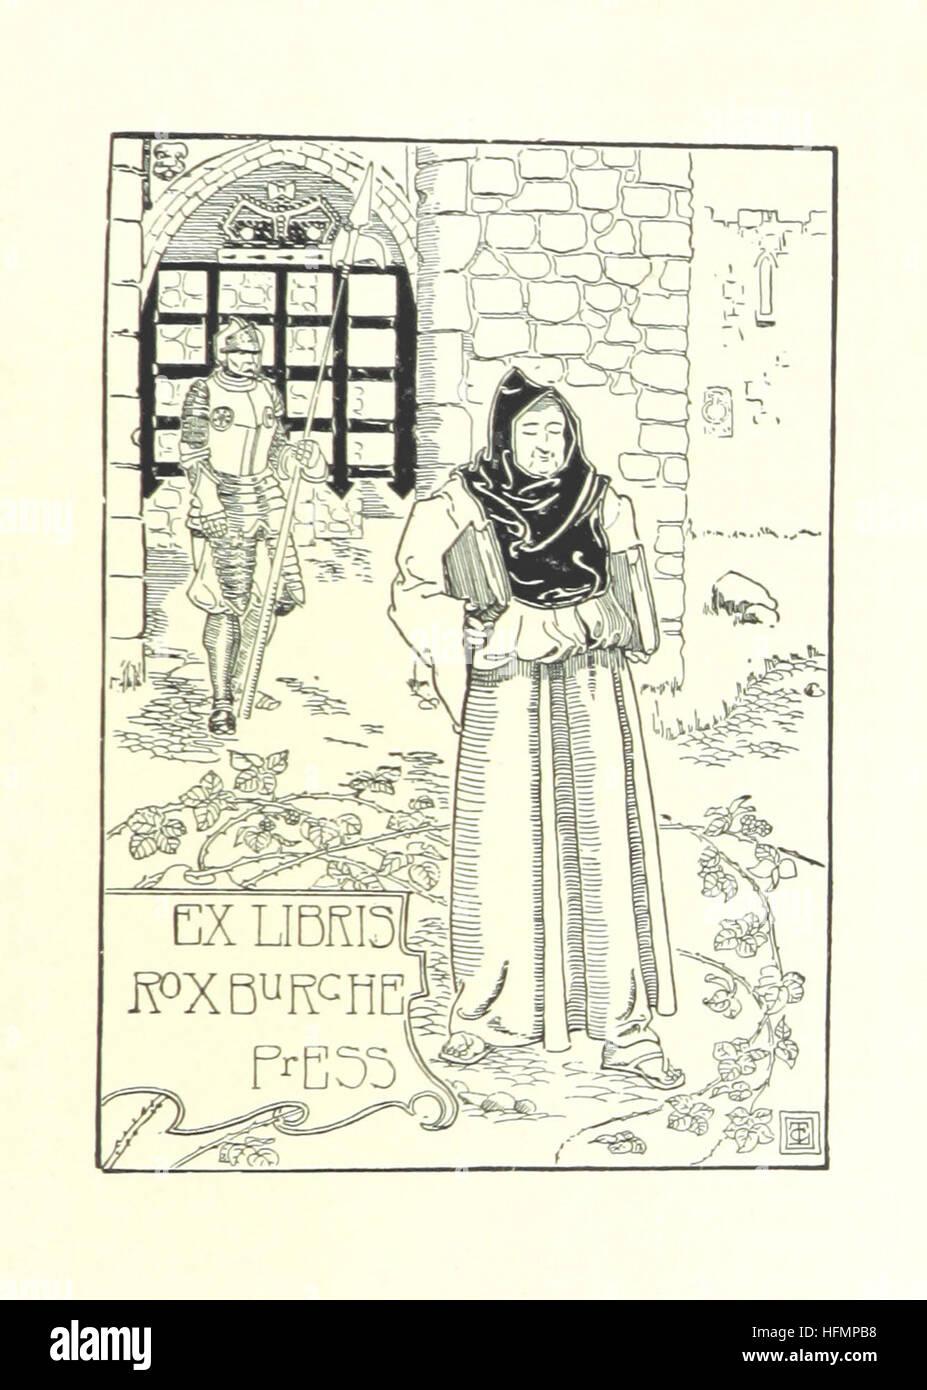 Santi Del Calendario.Raggi Provenienti Dall Esercito Poesie Commemorative Dei